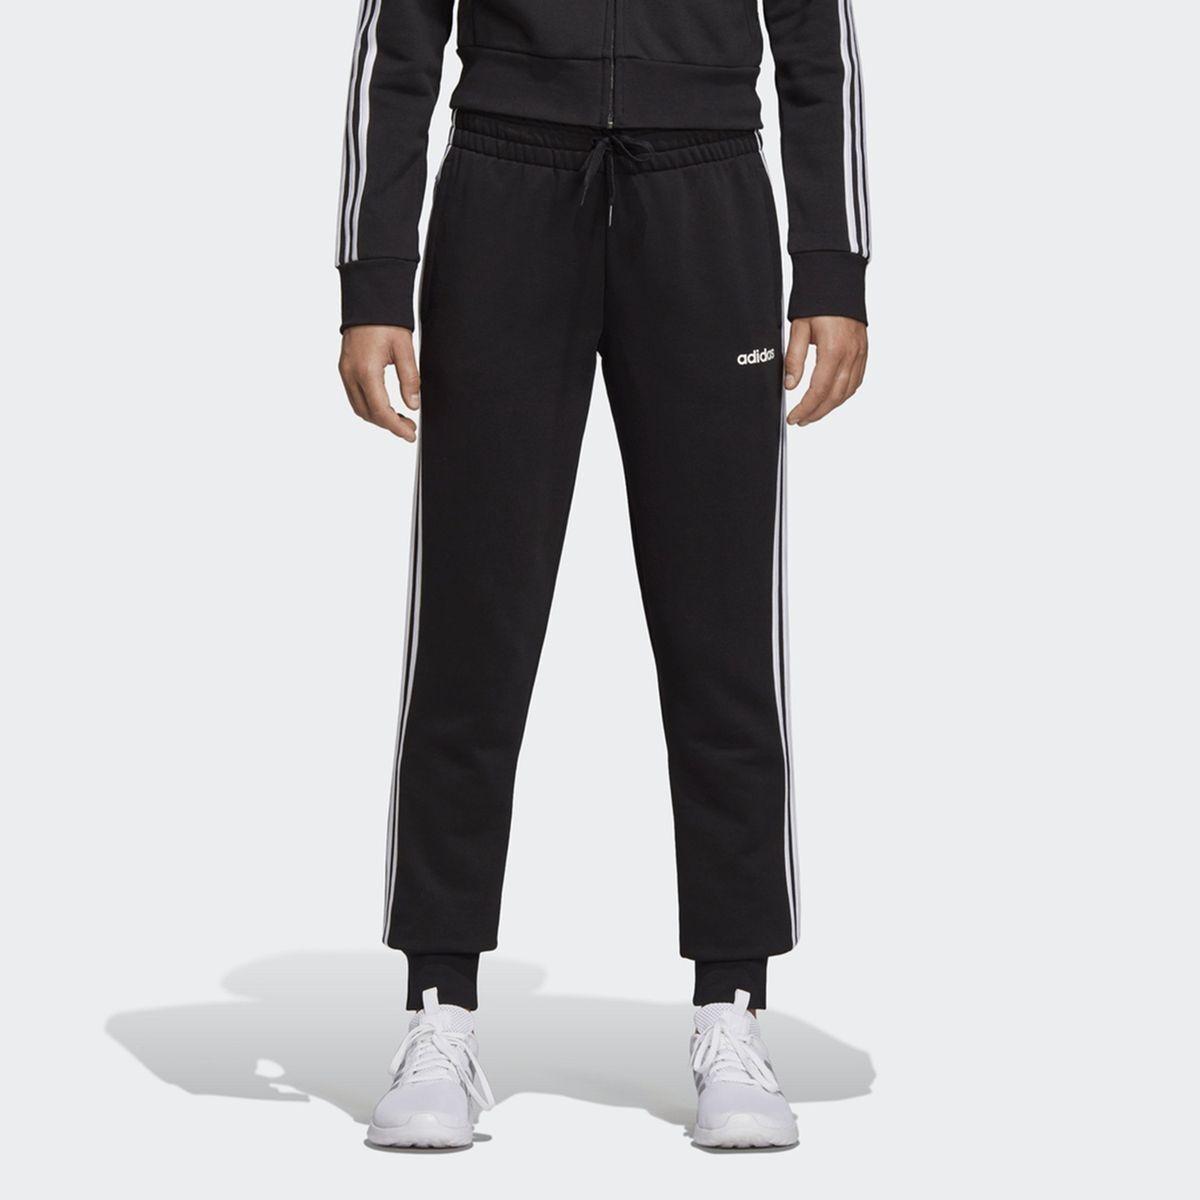 nouvelle collection 2b9cf c576c adidas jogging homme